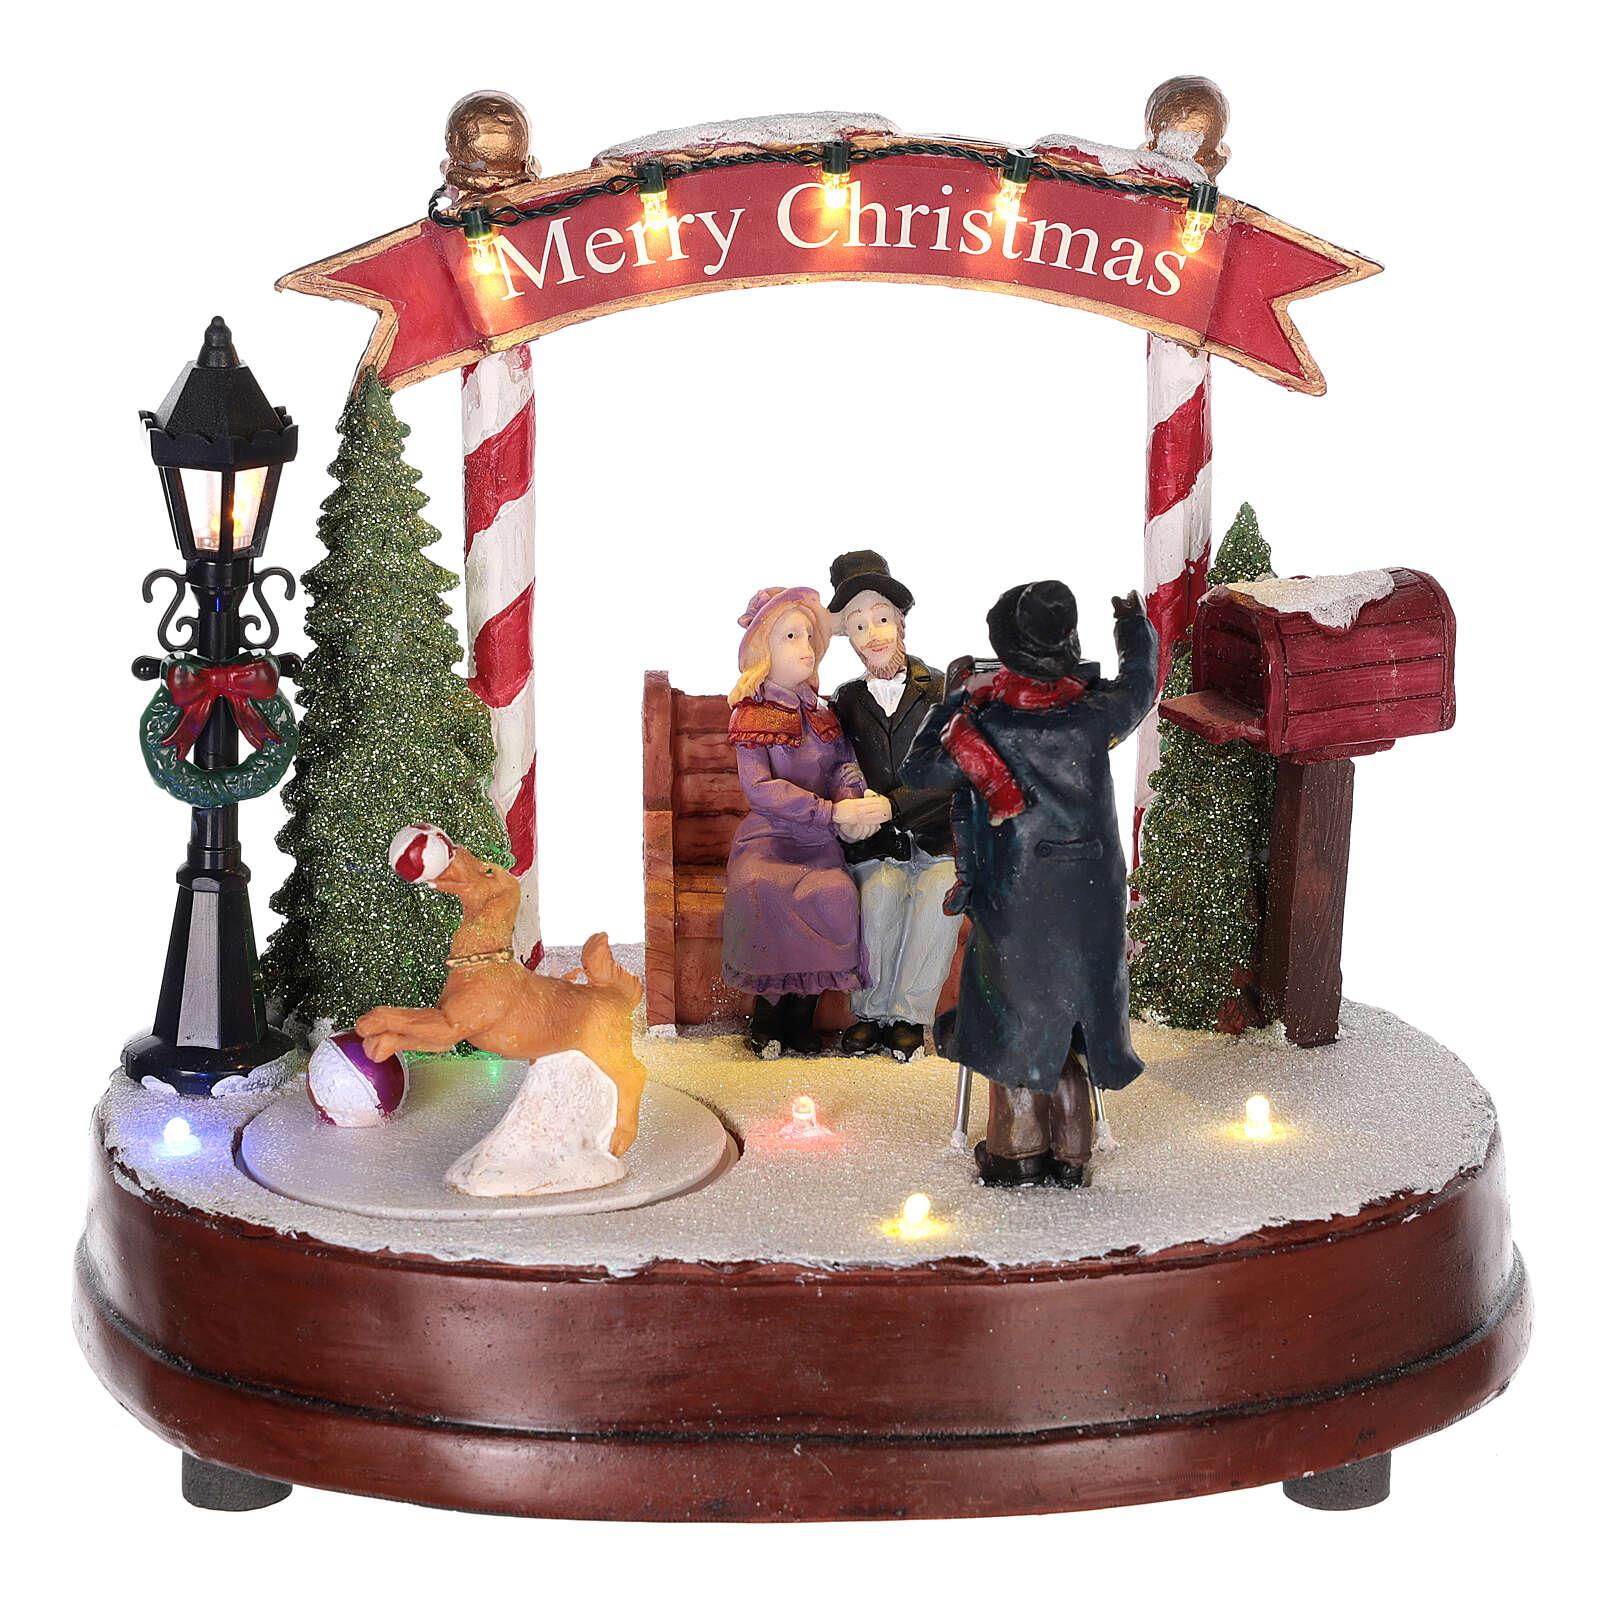 Scenka do bożonarodzeniowego miasteczka: fotograf 15x20 cm 3